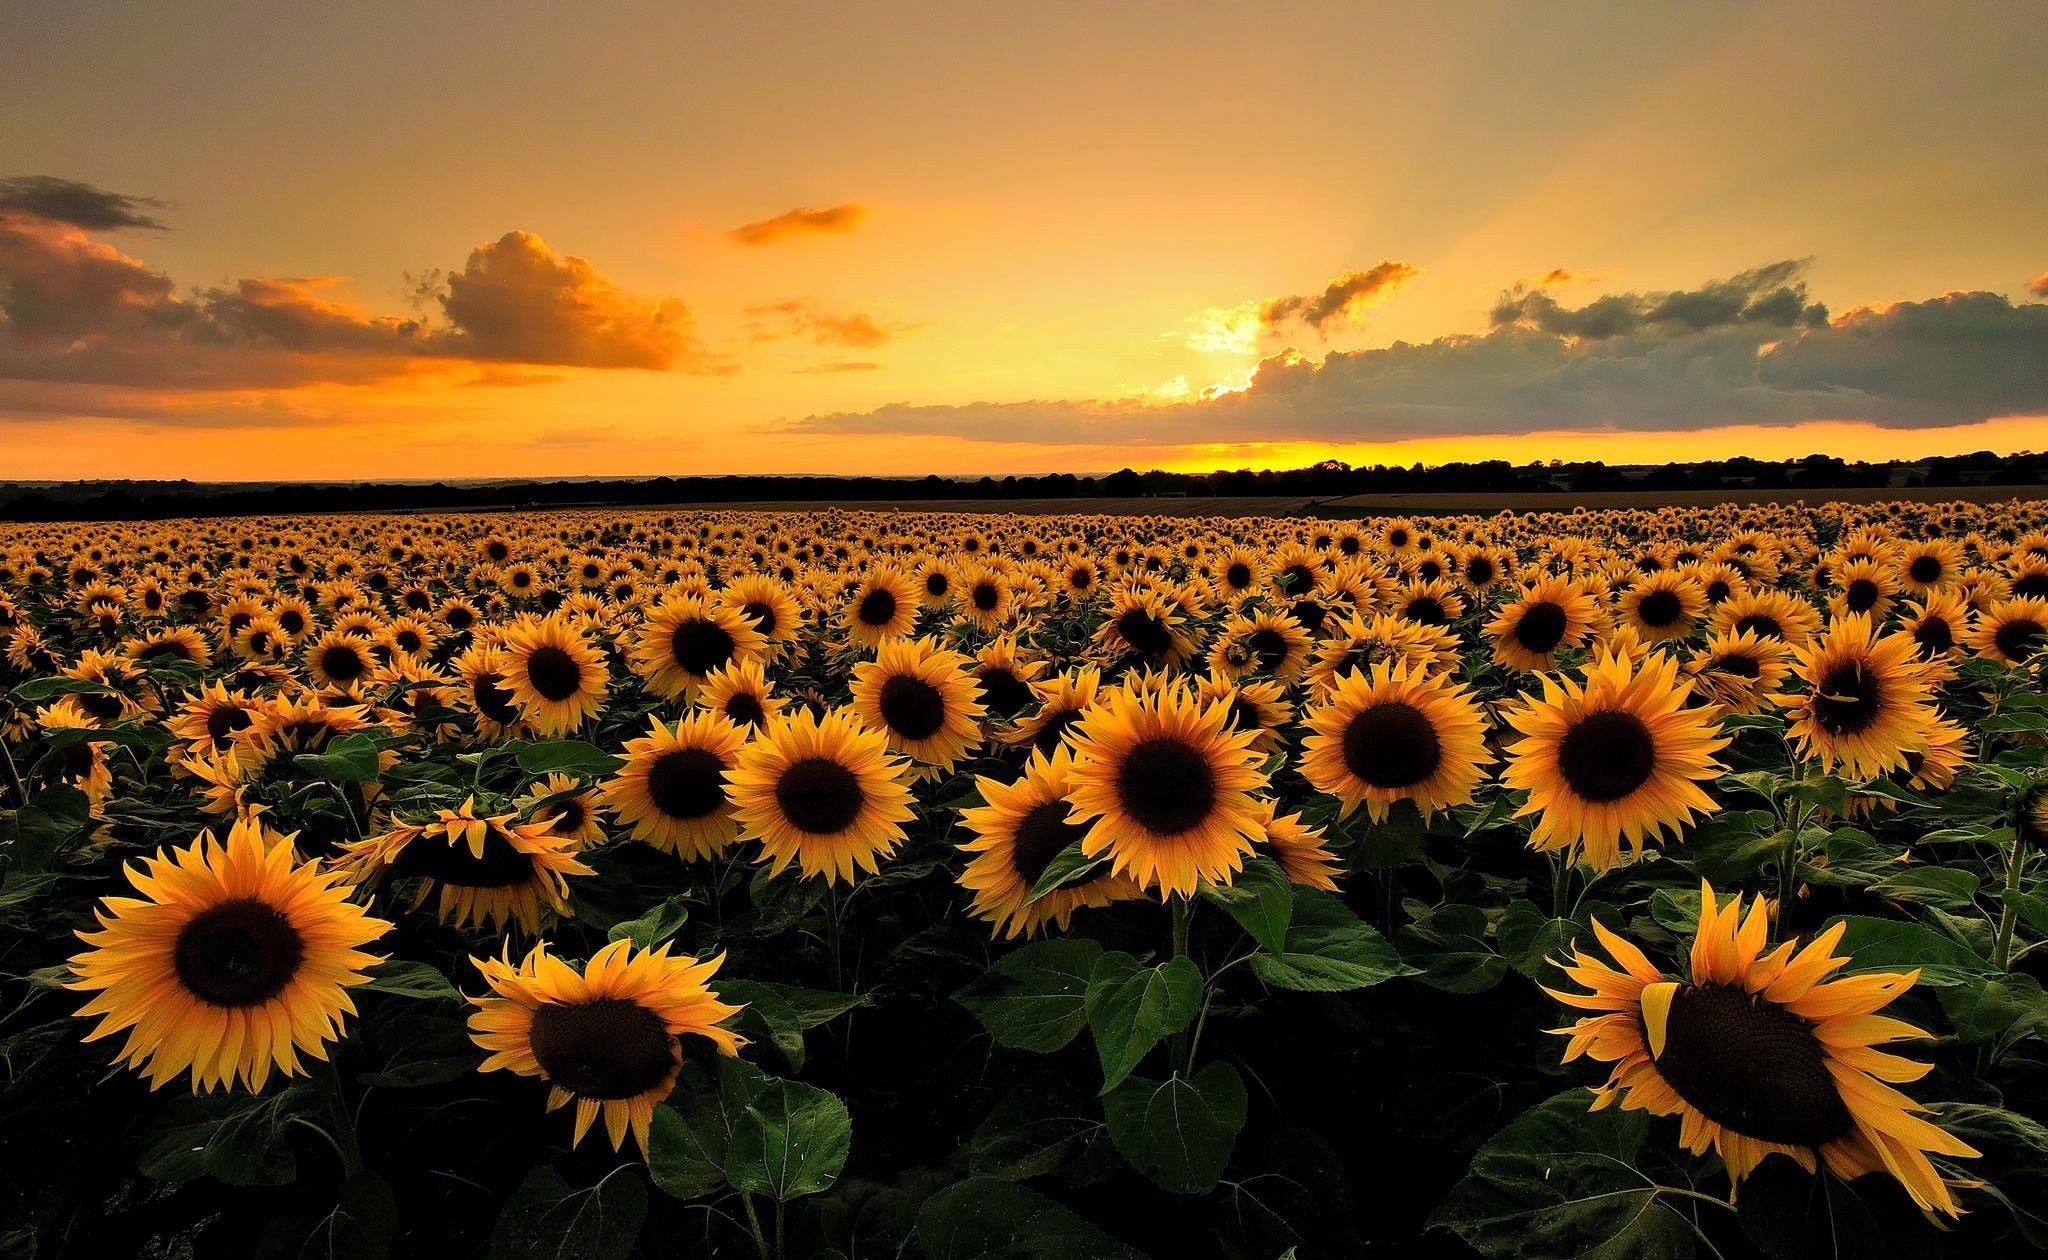 Sunflower Desktop Wallpapers   Top Sunflower Desktop 2048x1260